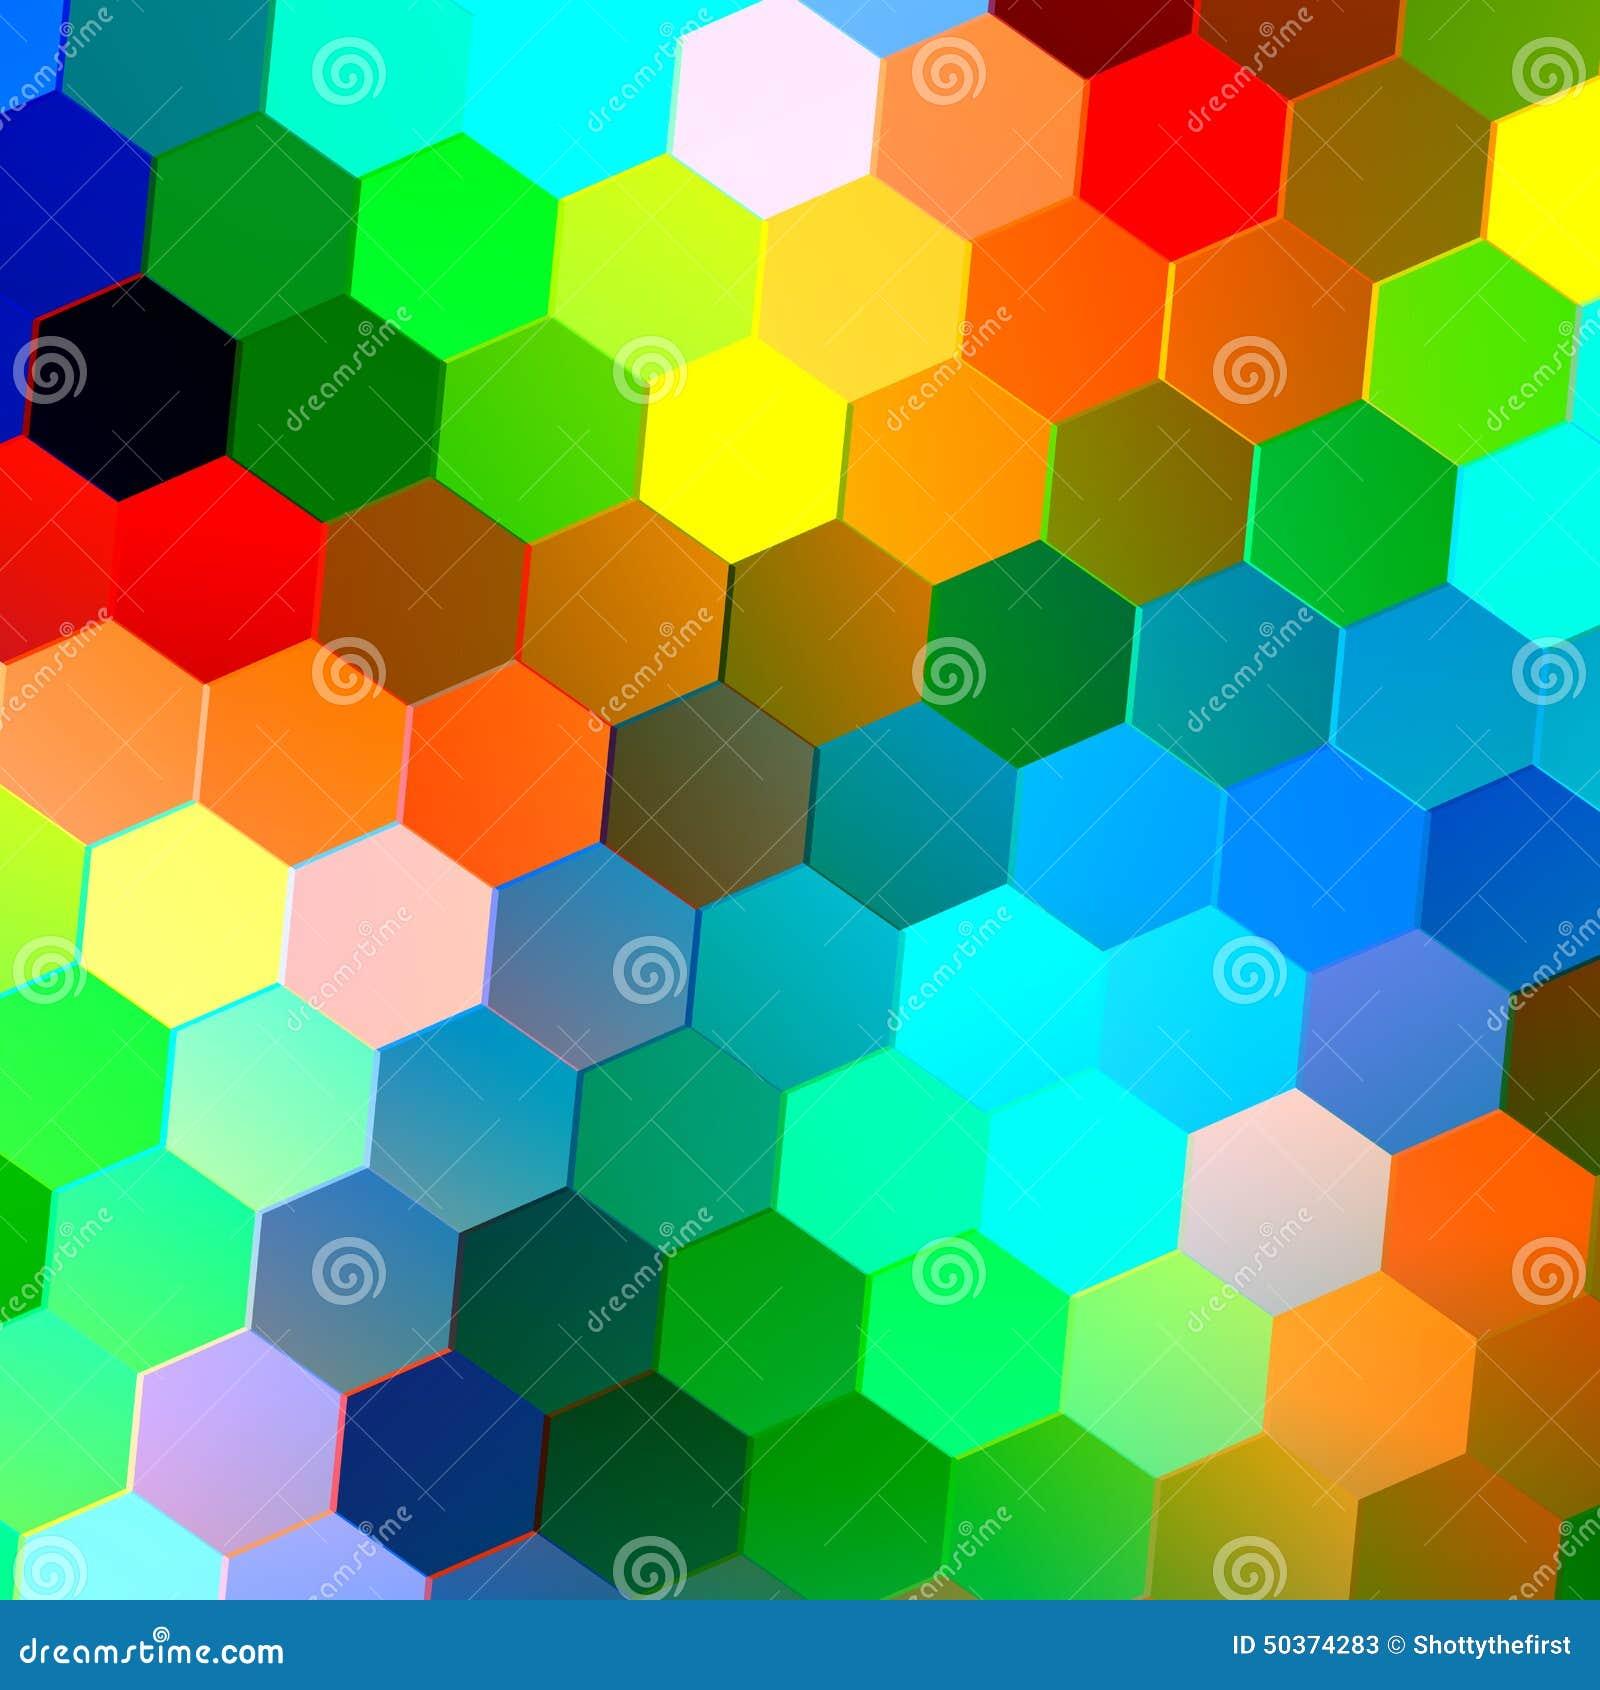 Abstrakter Nahtloser Hintergrund Mit Bunten Hexagonen Mosaik Fliesen